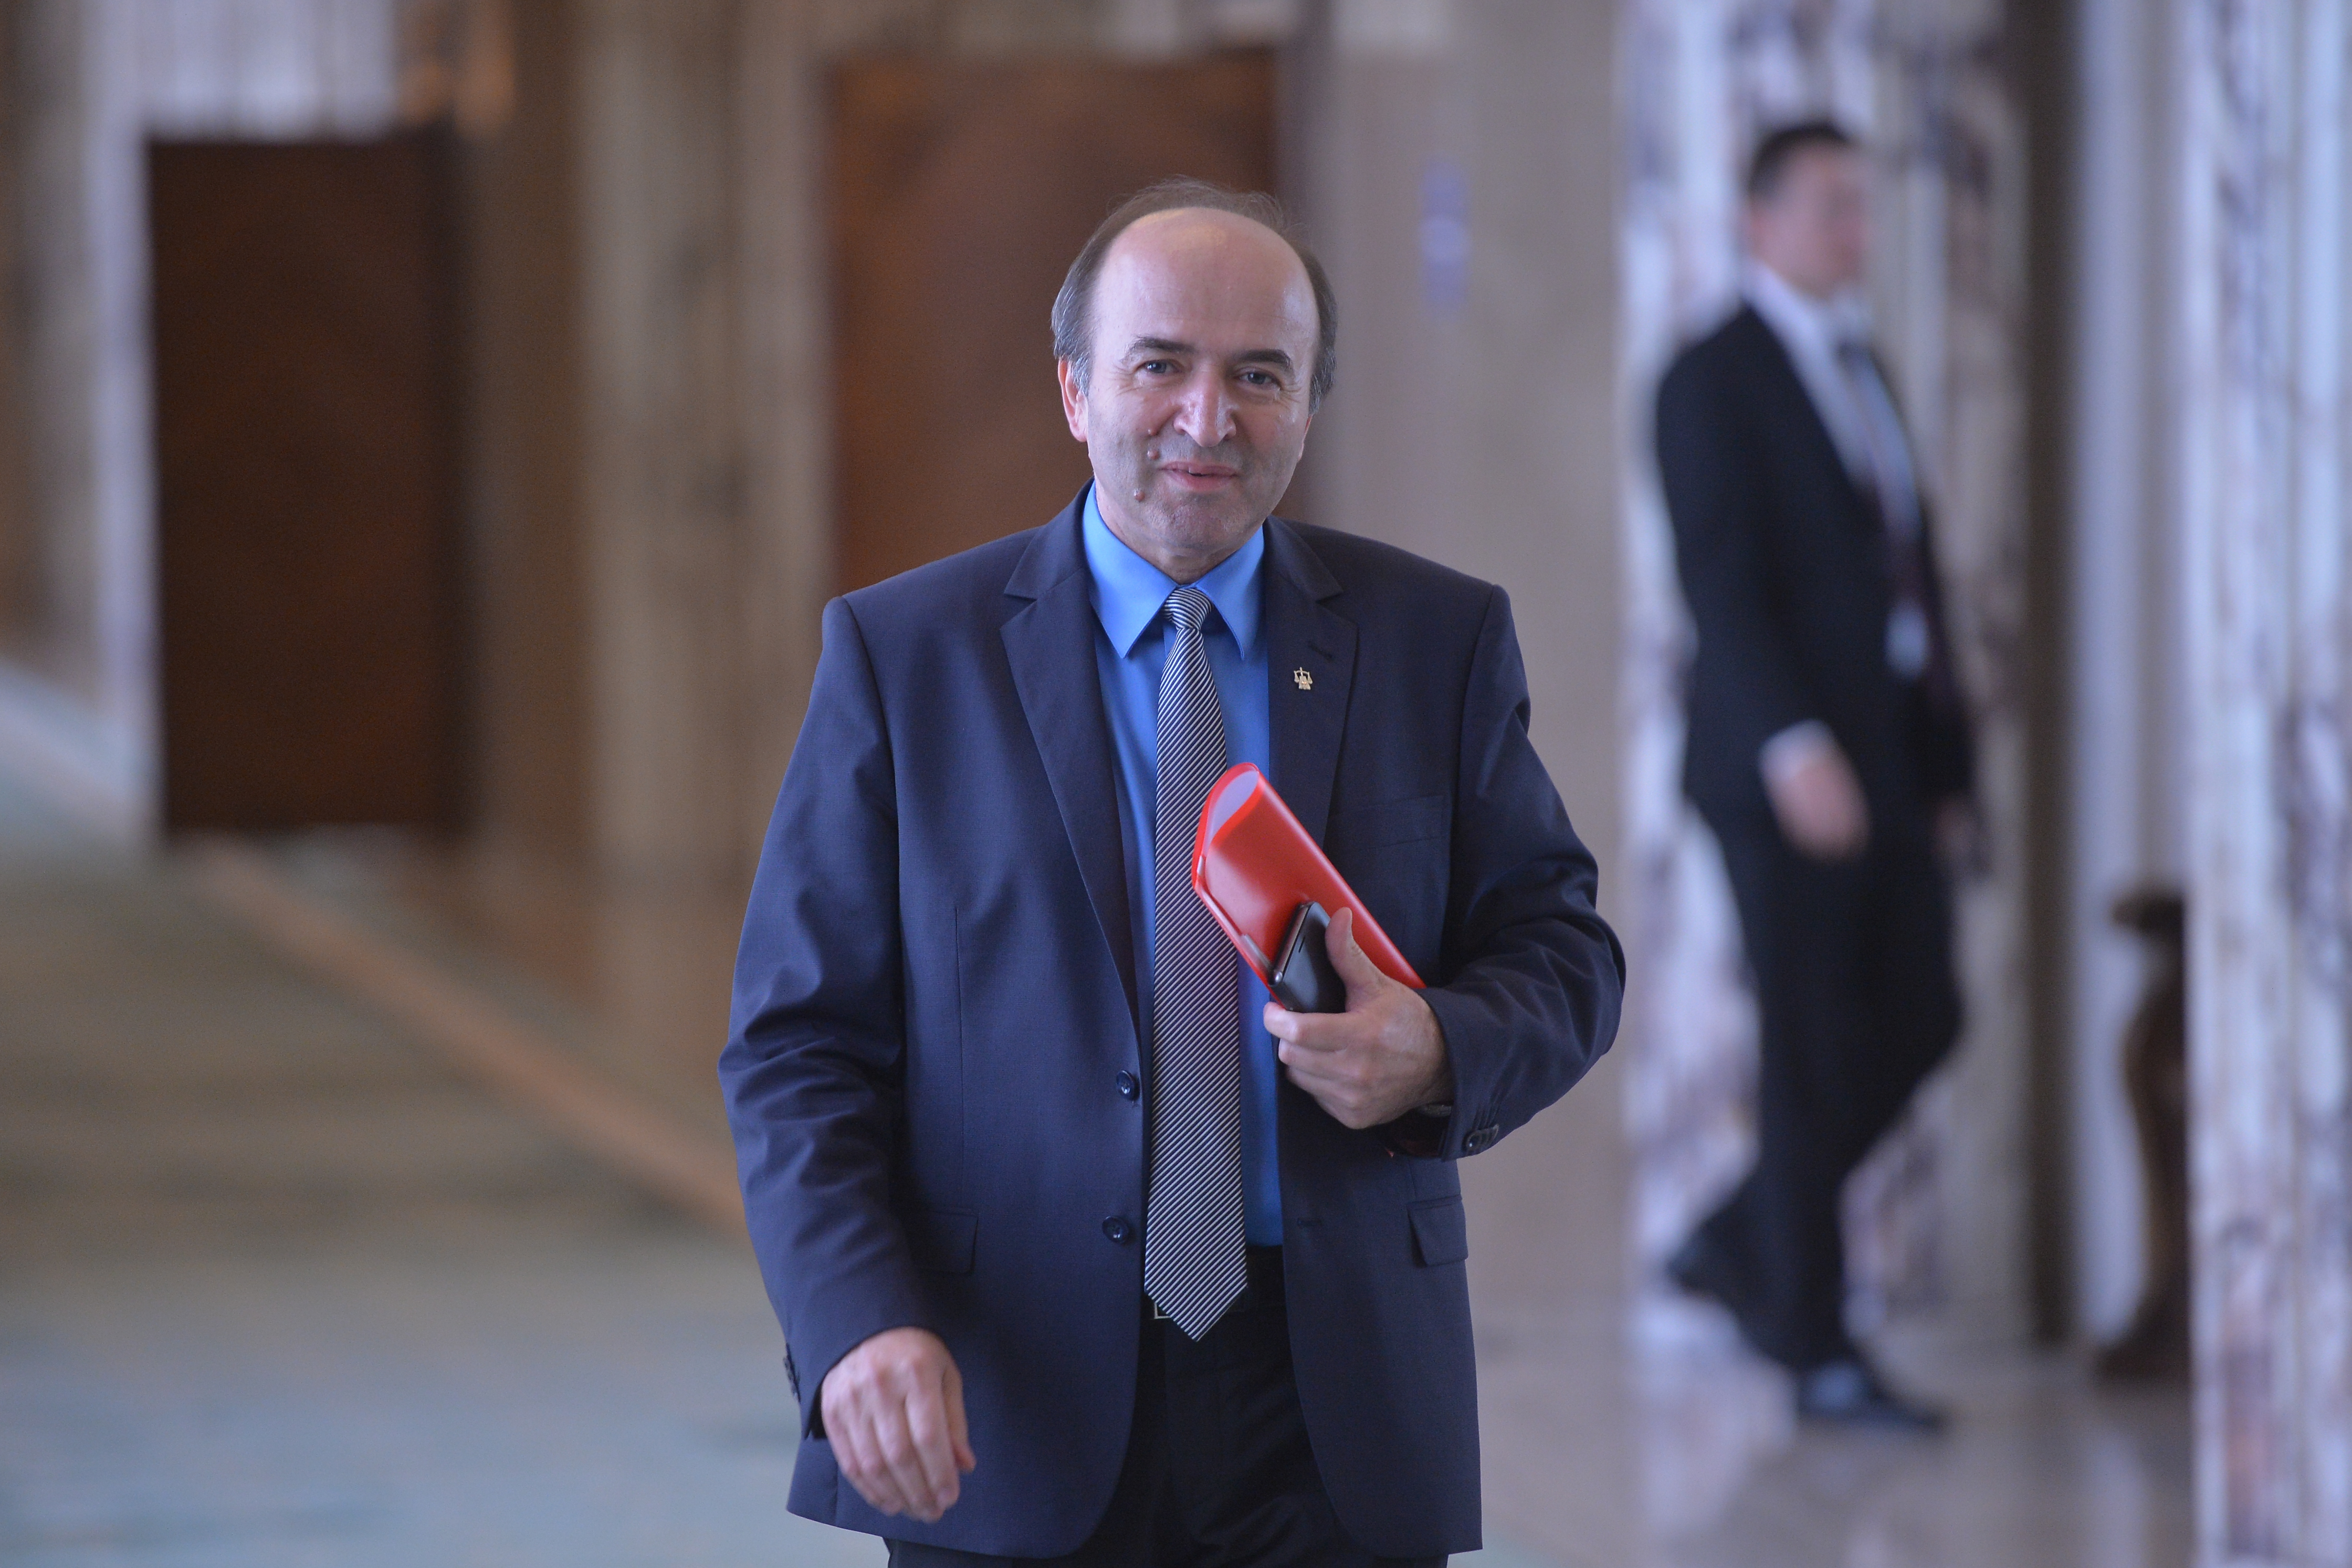 Cazul Belina, conflict total între DNA şi Guvern. Toader: Ministerul Justiţiei lucrează la redactarea sesizării către Curtea Constituţională, privind anchetarea HG-urilor. Până luni, textul e gata